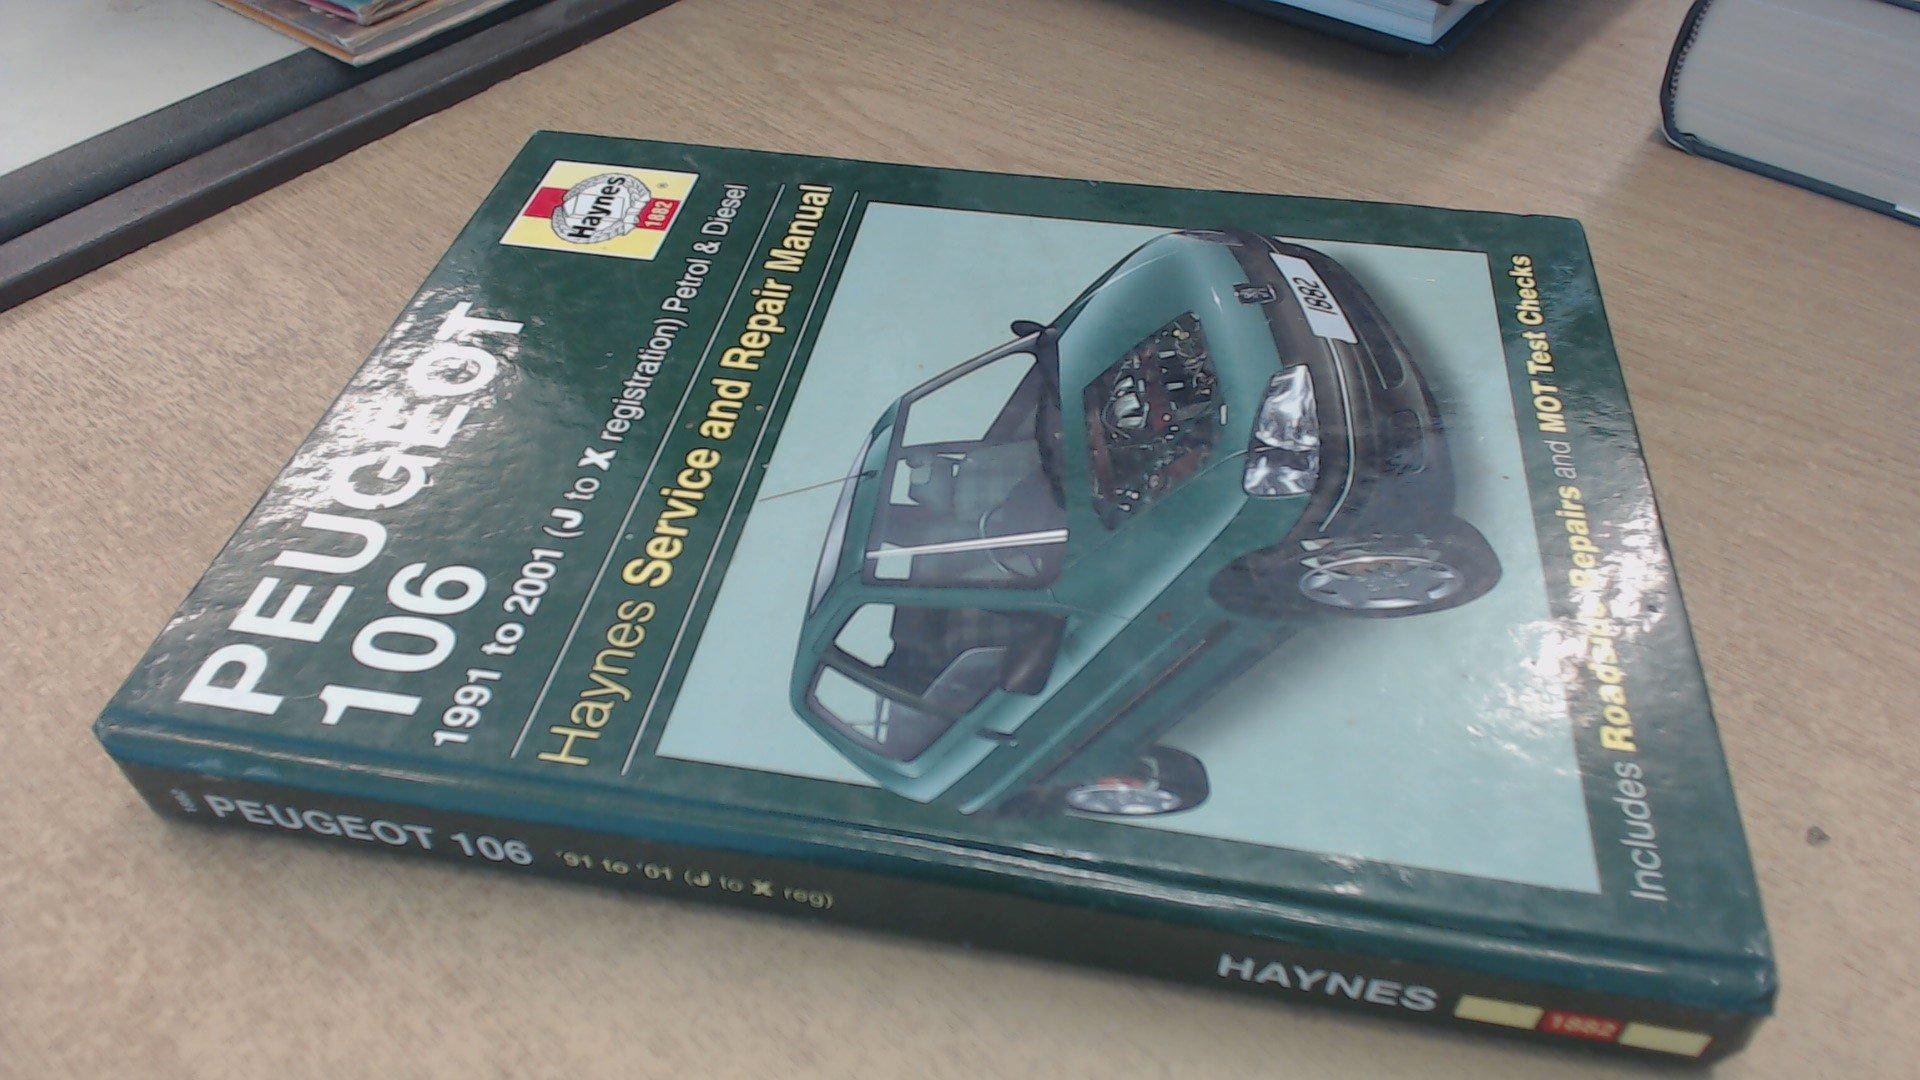 Peugeot 106 haynes car service & repair manuals | ebay.